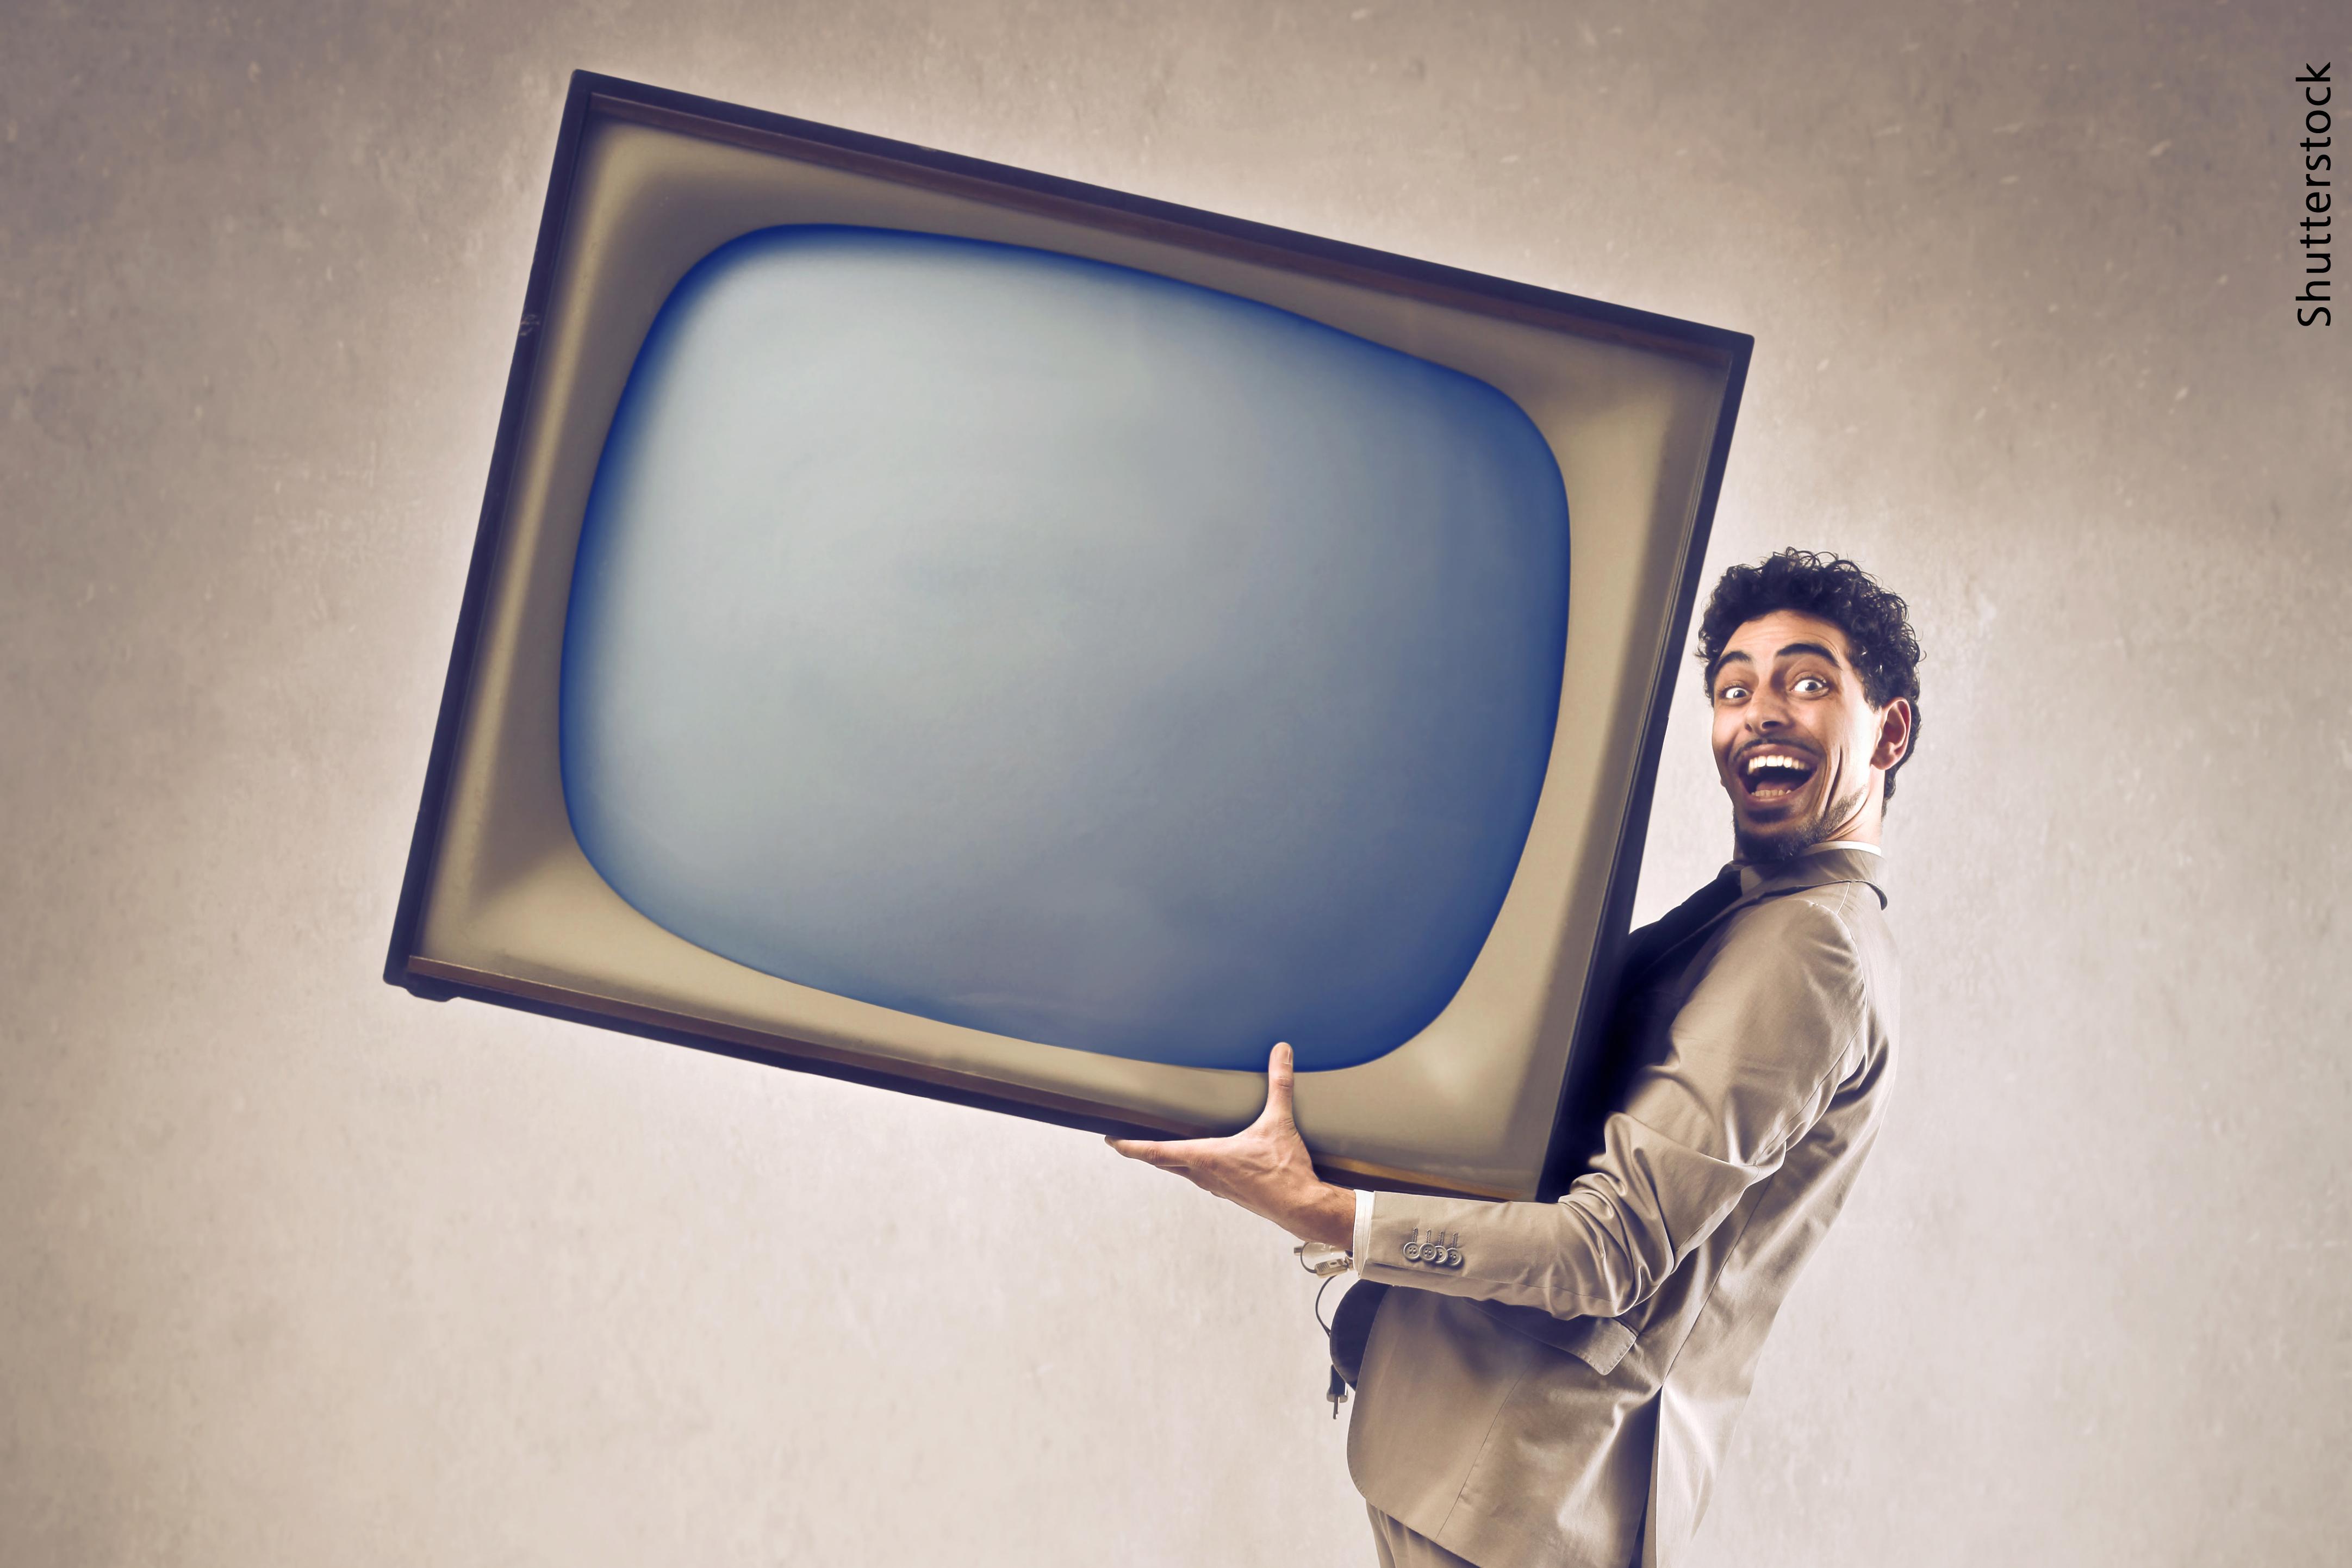 أسوأ إعلانات تجارية في العالم العربي